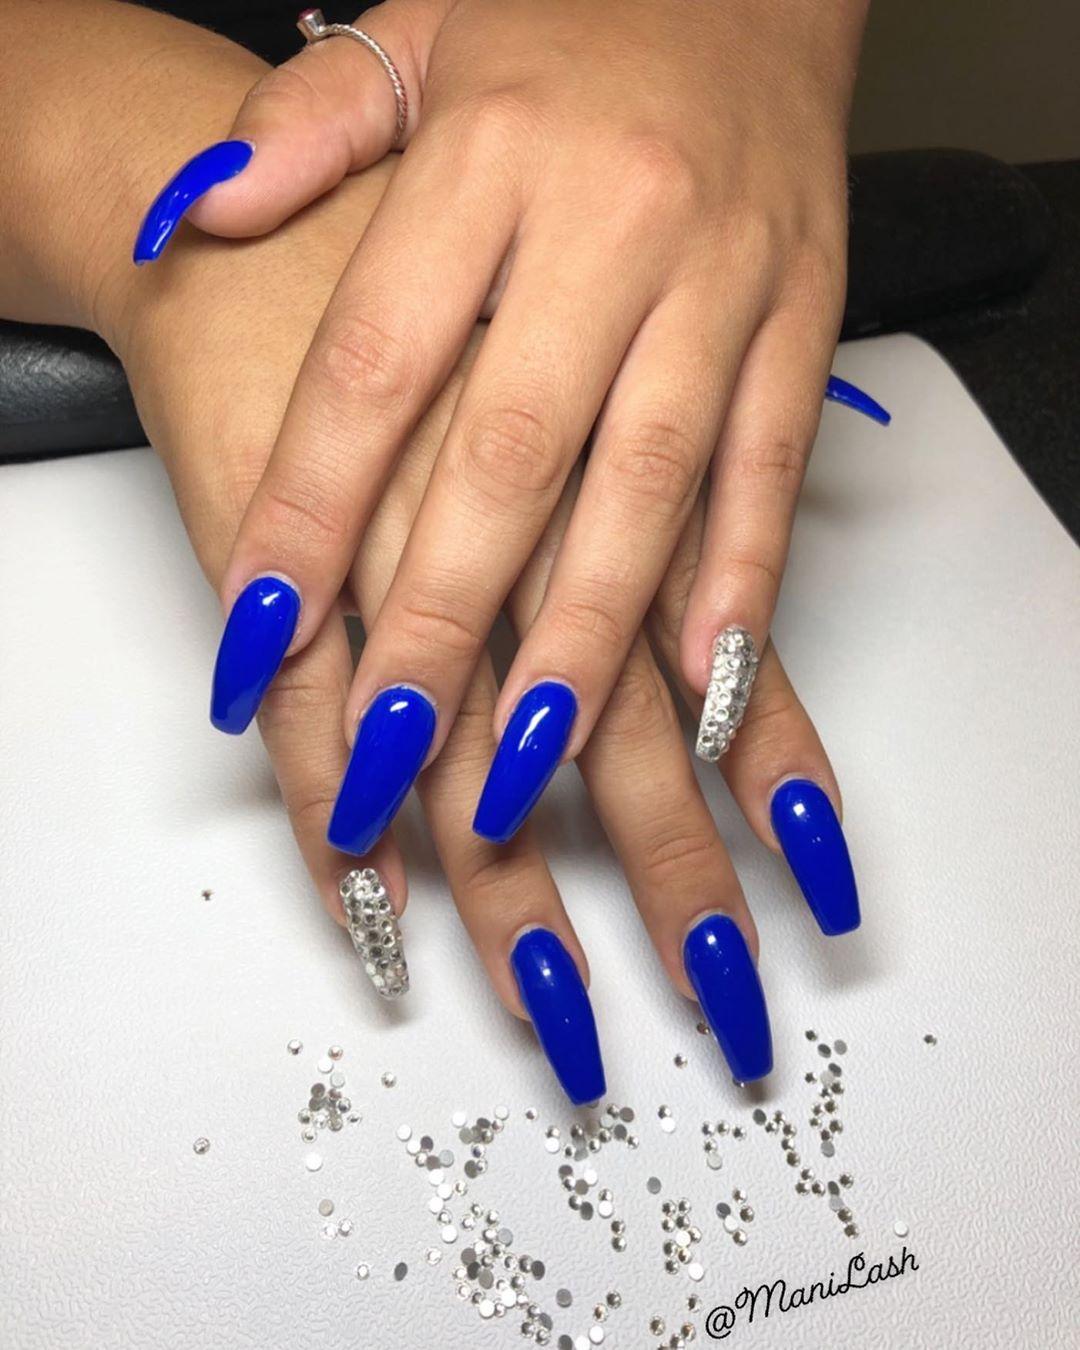 Royal Blue Nails 33 Amazing Royal Blue Nail Ideas From Instagram Royal Blue Nails Royal Blue Nails Designs Blue Acrylic Nails